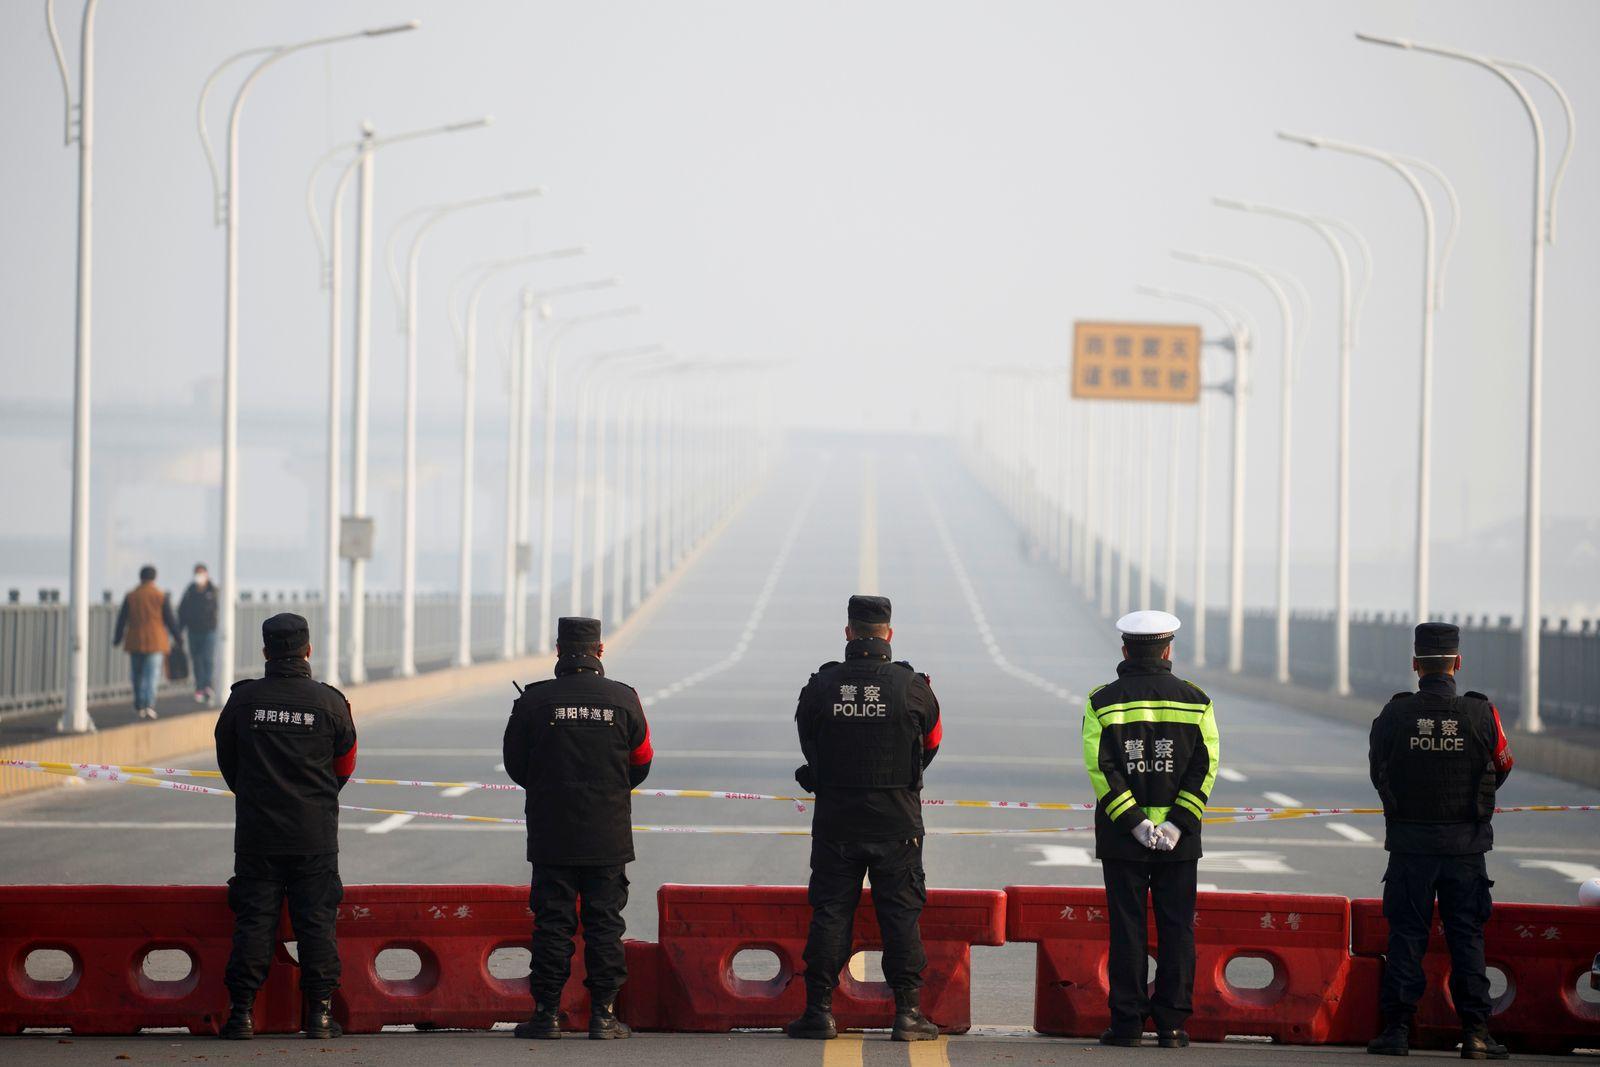 Trung Quốc trừng phạt quan chức tự ý thông báo nới lỏng lệnh phong tỏa Vũ Hán - 1